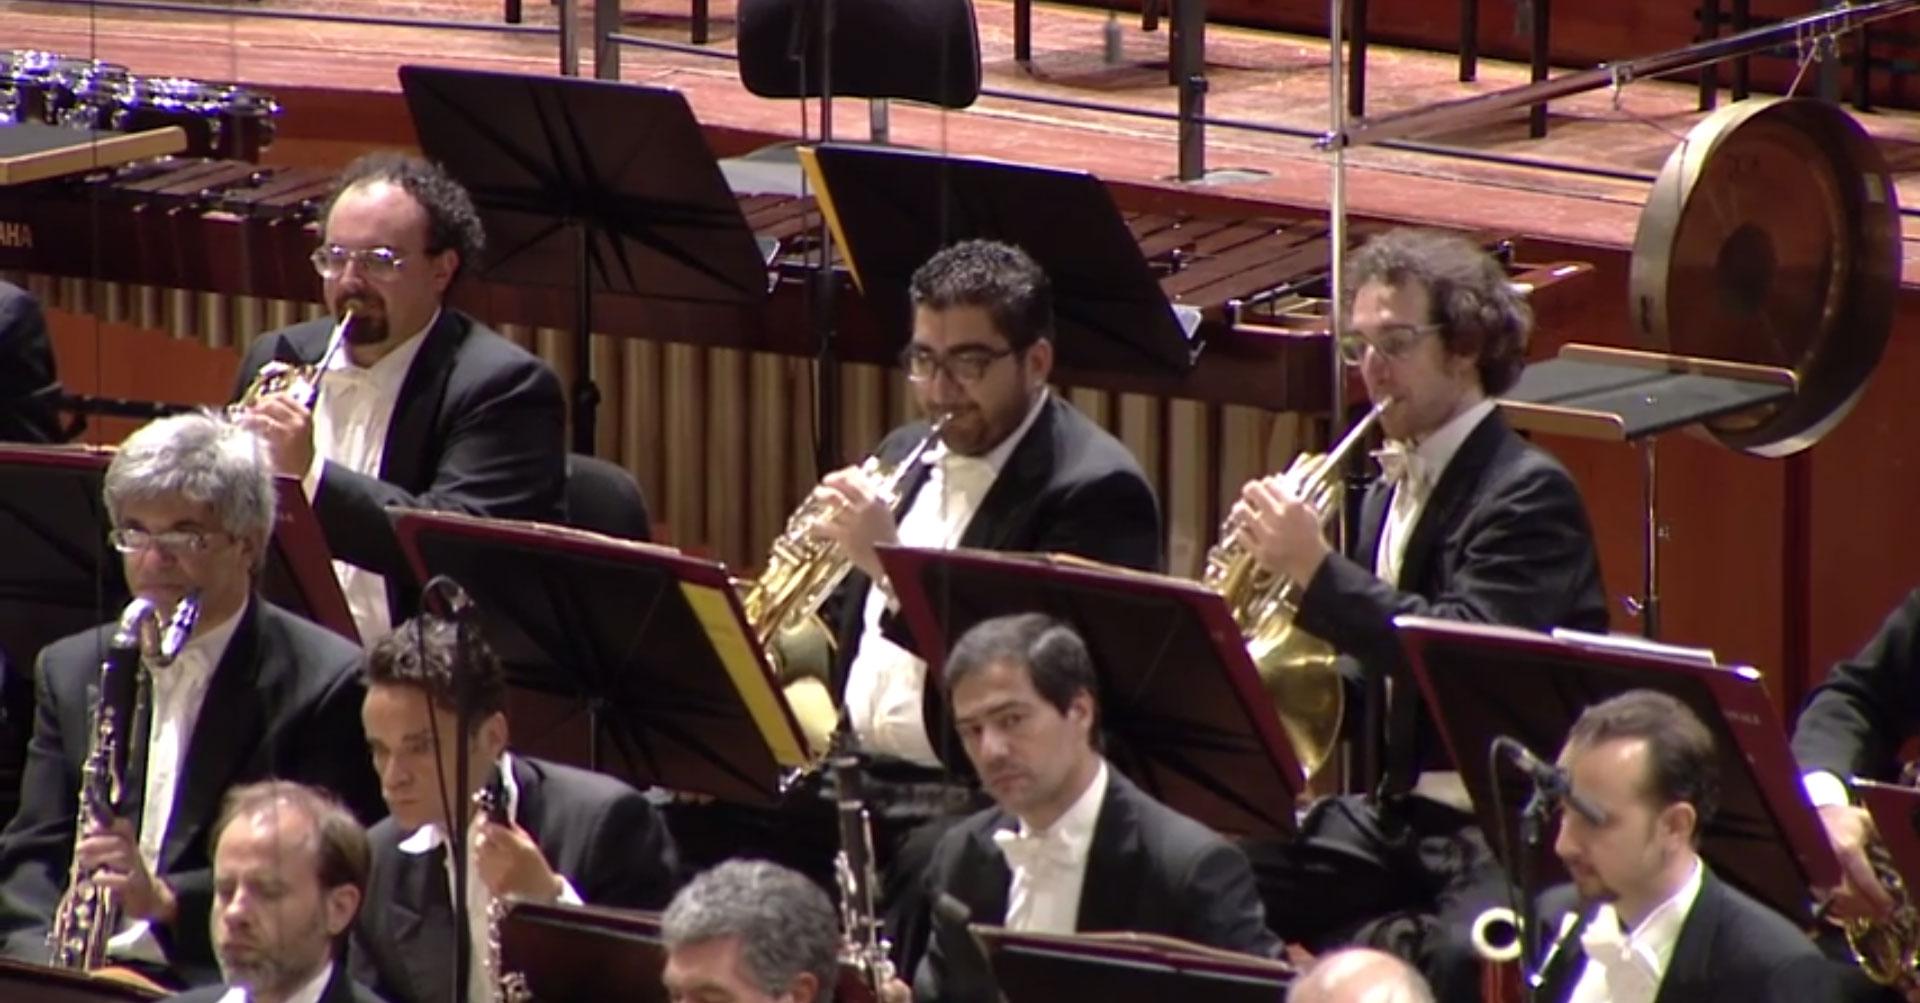 Angelo Bonaccorso al corno nell'Orchestra dell'Accademia Nazionale di Santa Cecilia